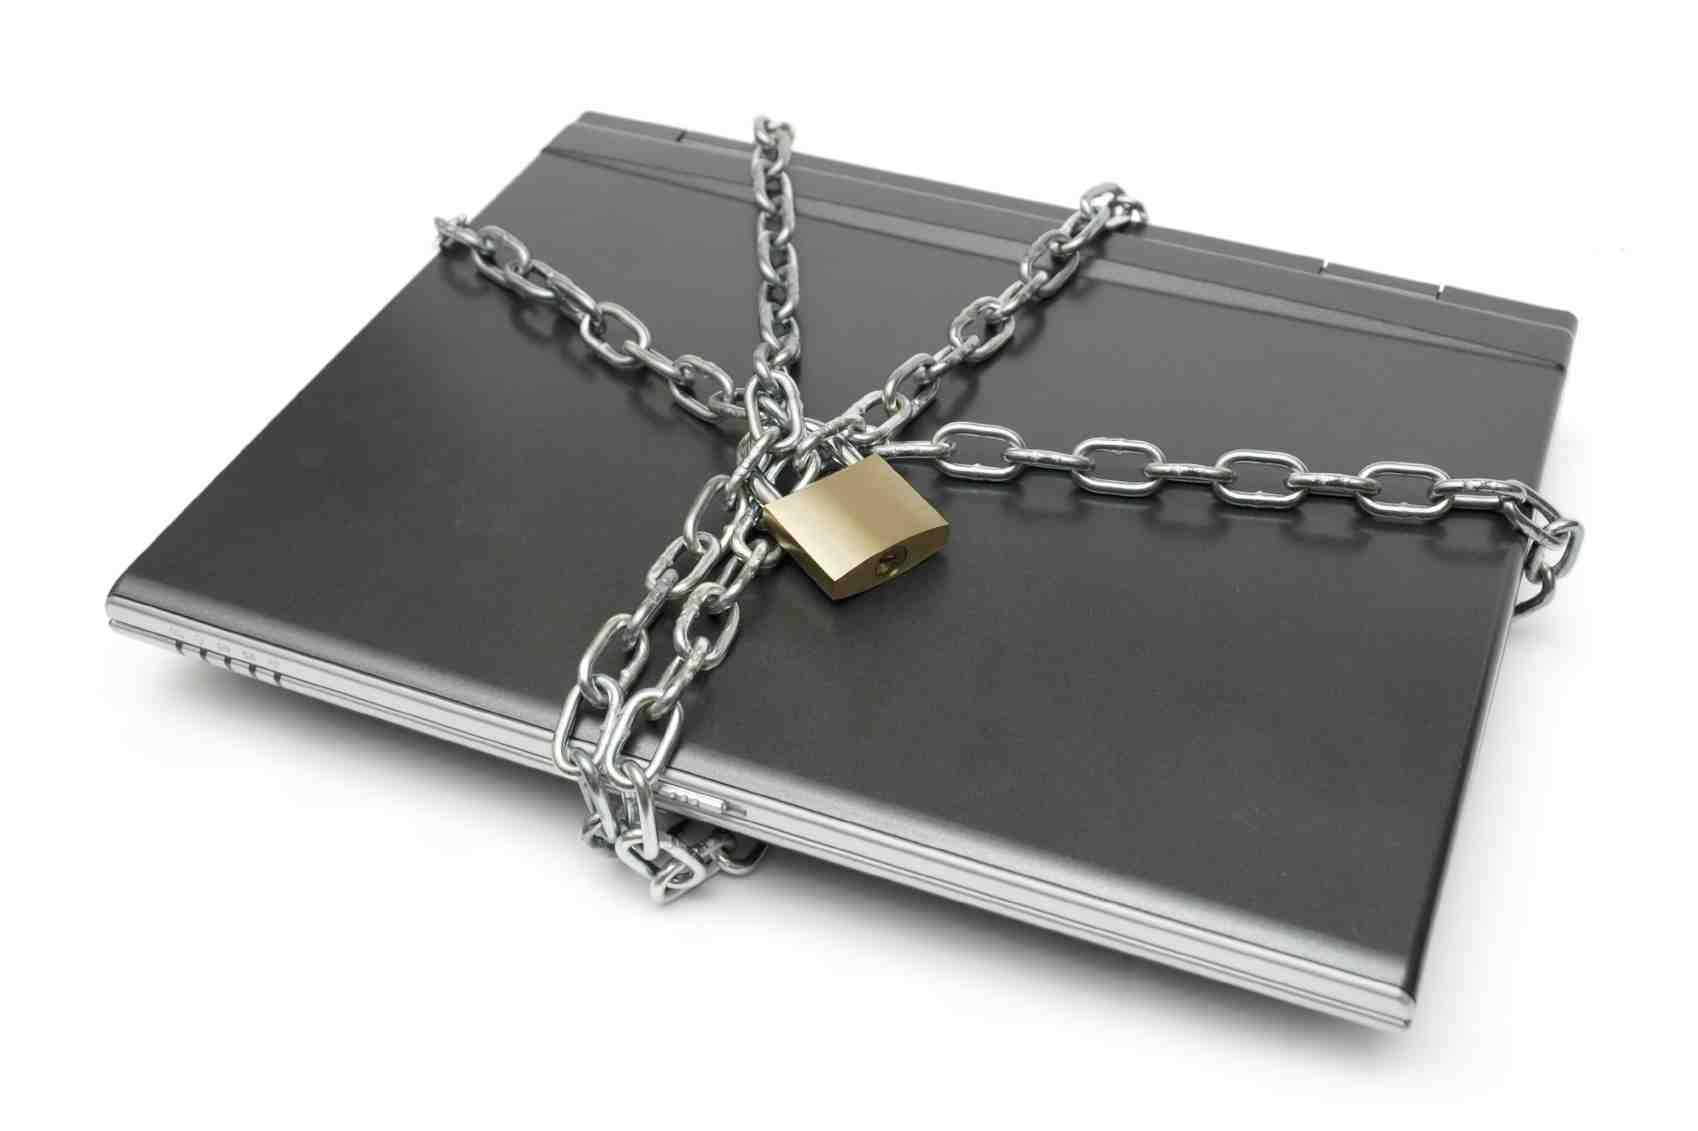 4 Tuyệt chiêu bảo vệ laptop của bạn